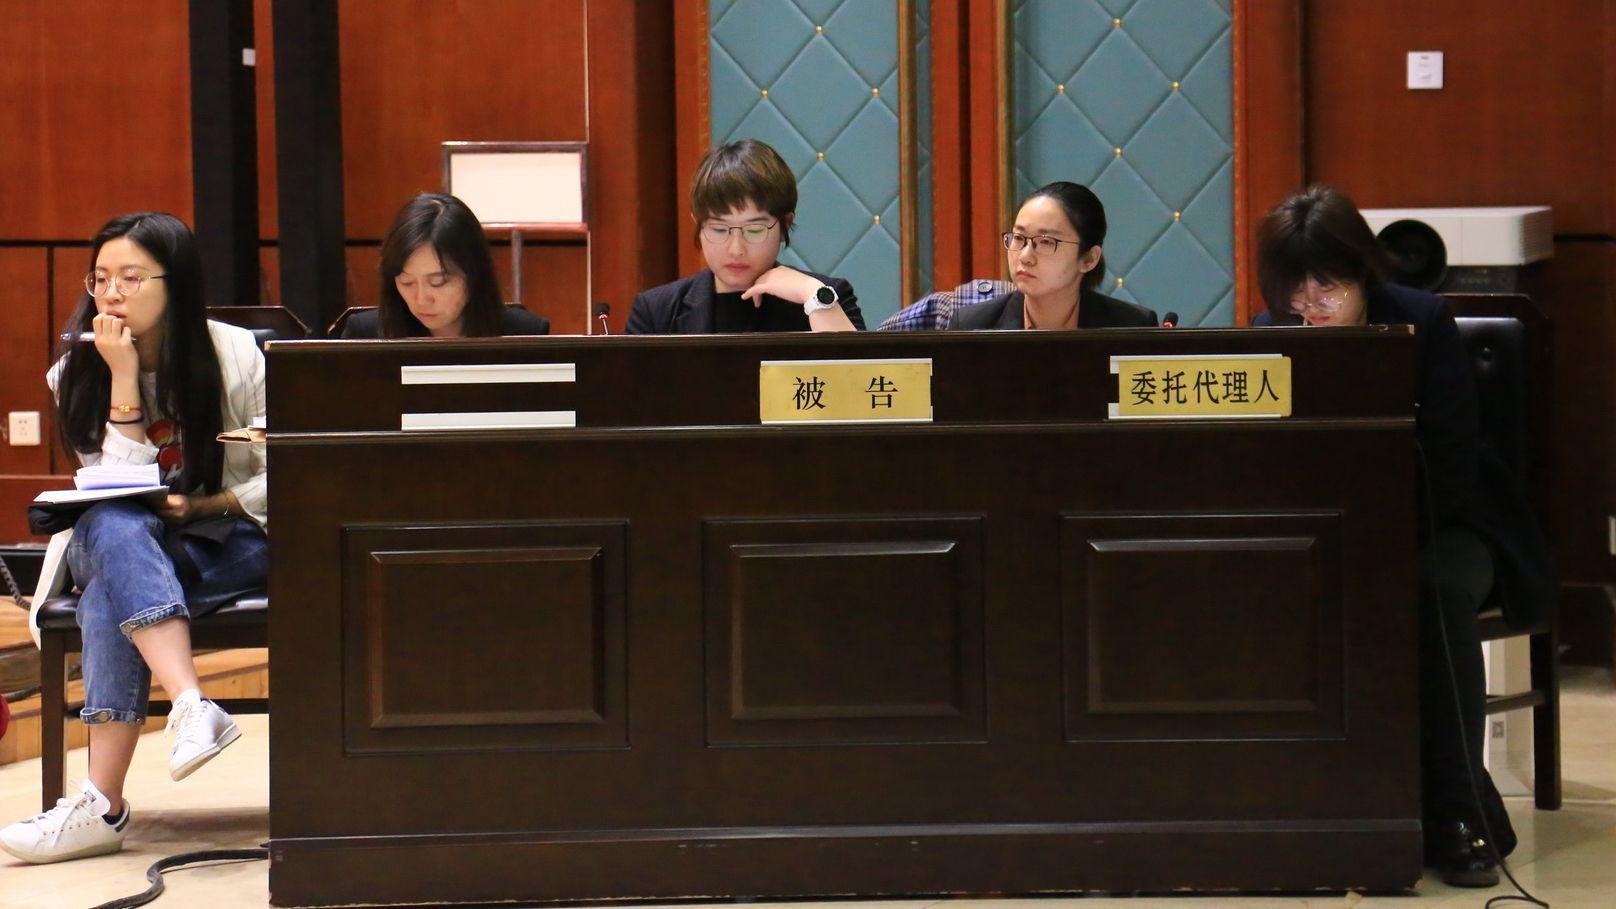 电影《芳华》被诉剧本抄袭 冯小刚严歌岑等人遭百万赔偿